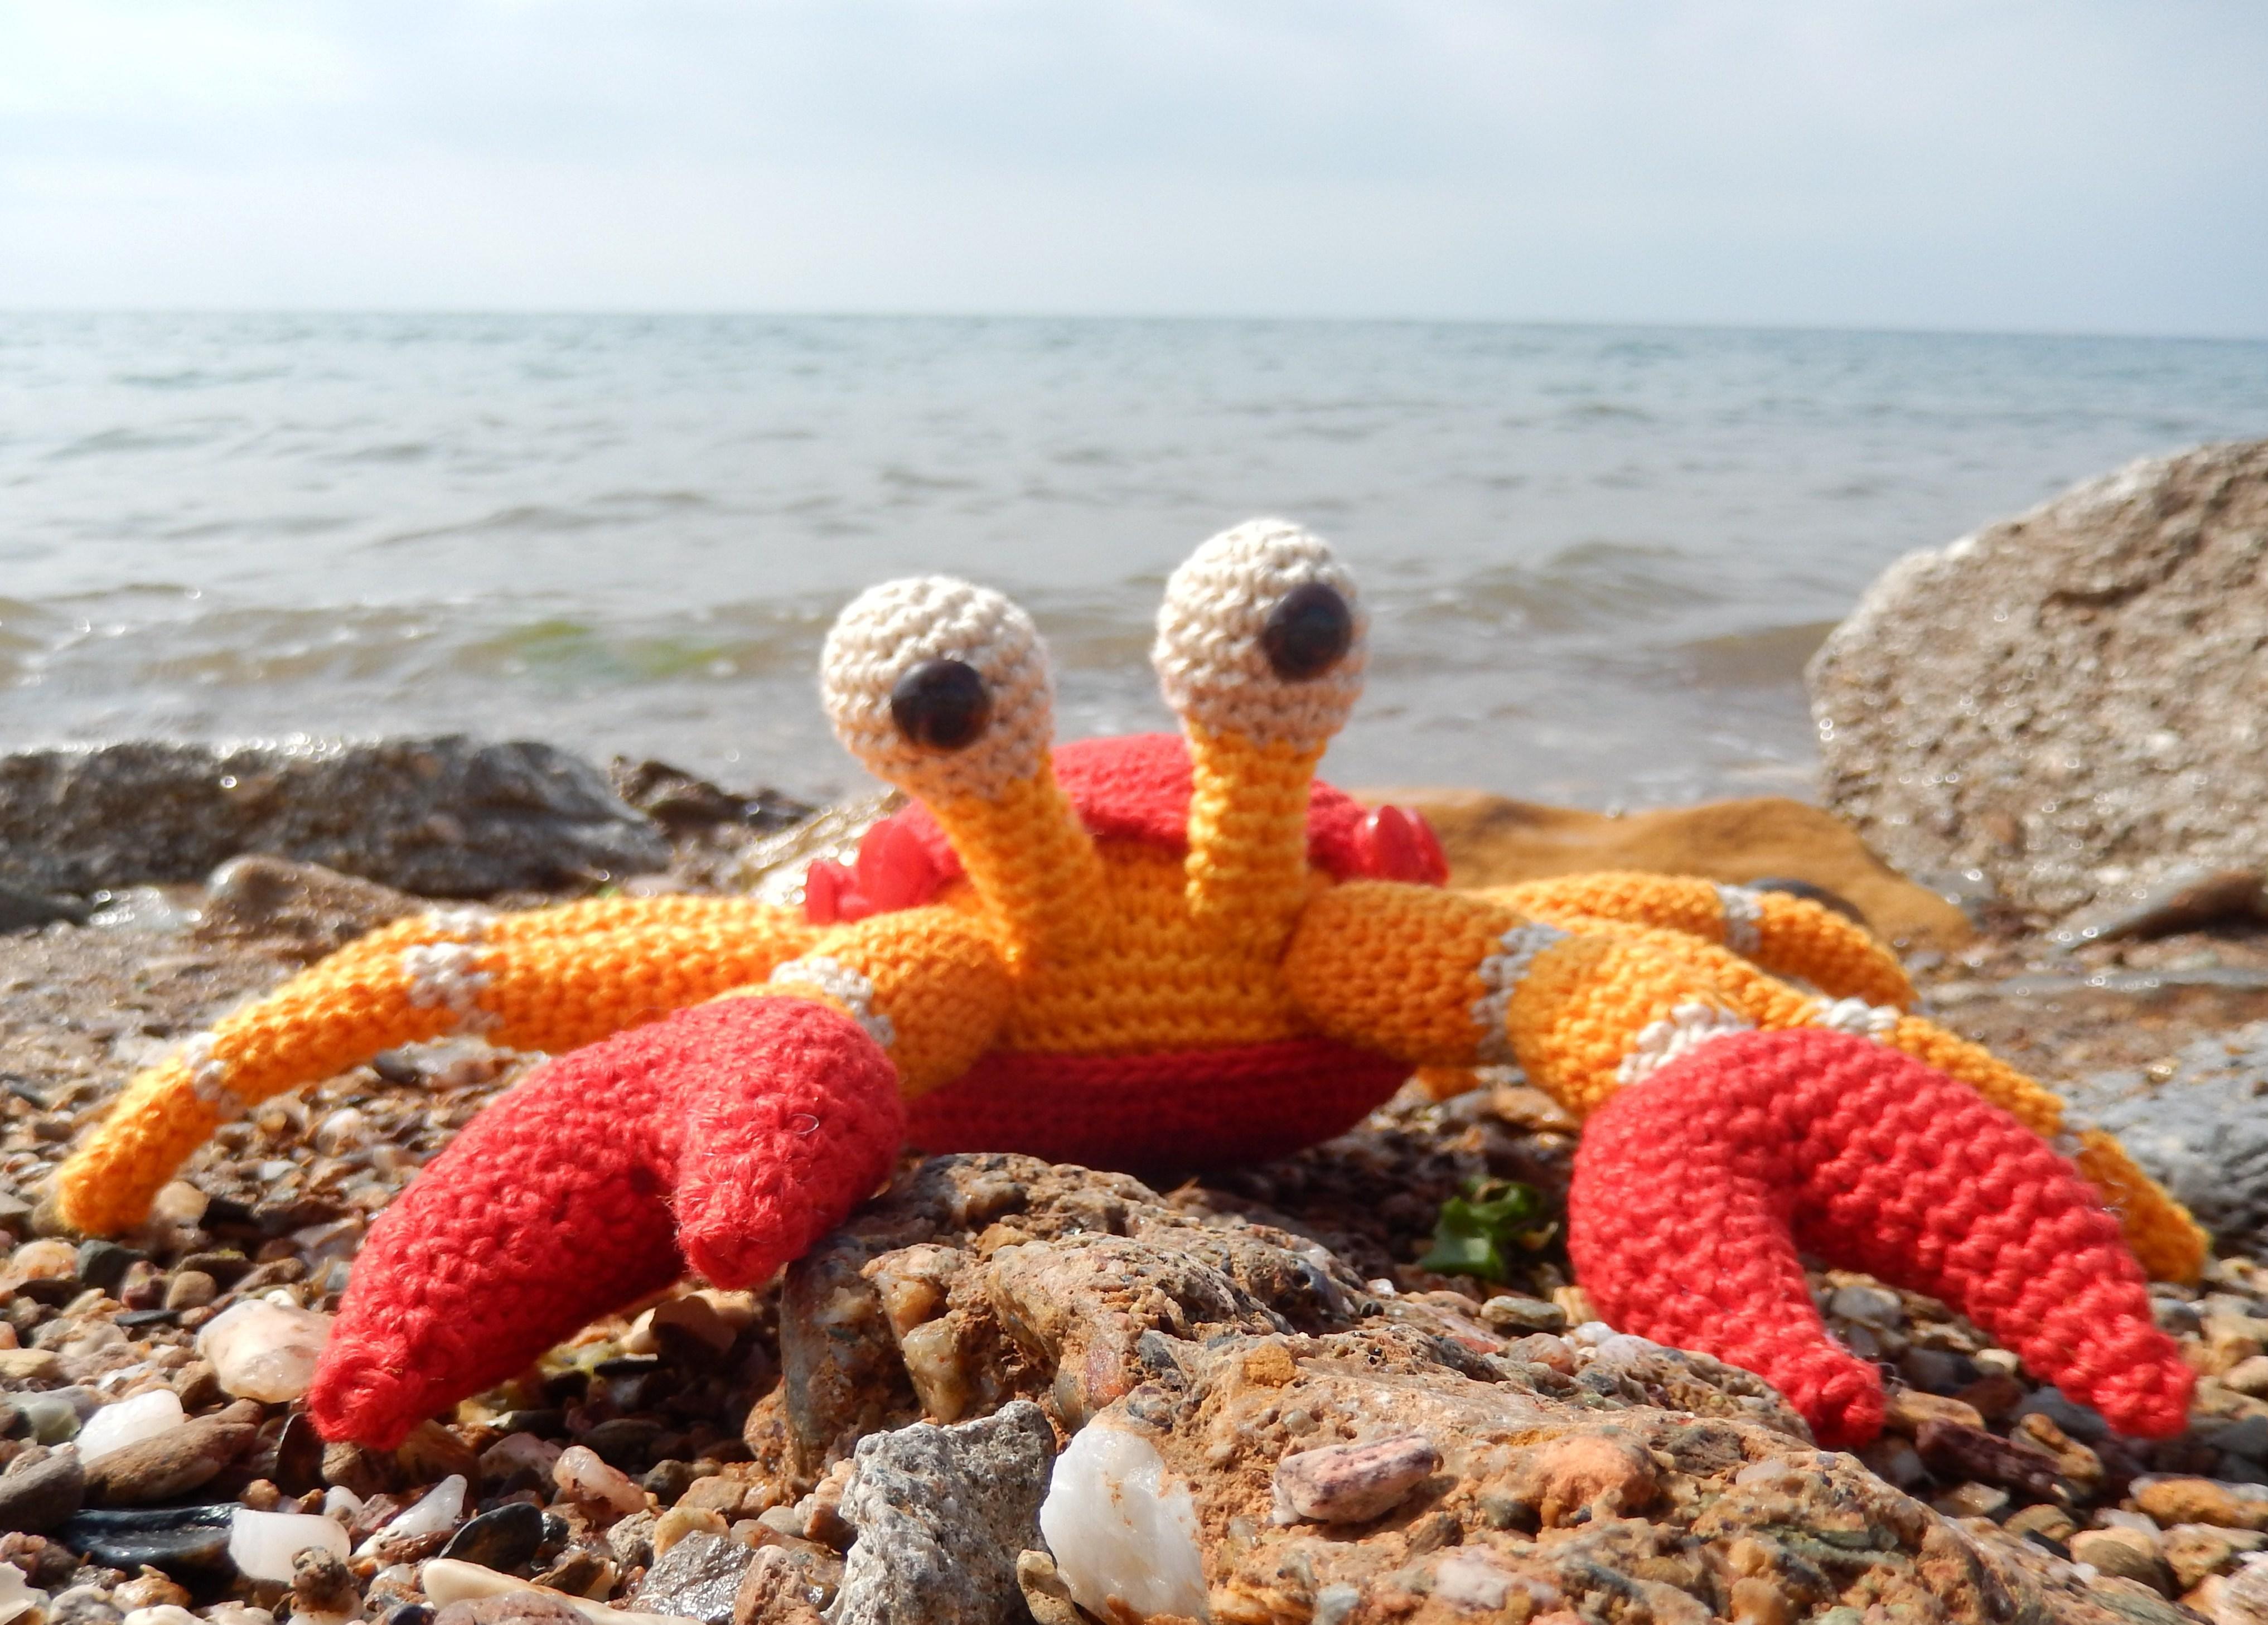 The Little Crab Coconut – Part 1 | Amilovesgurumi